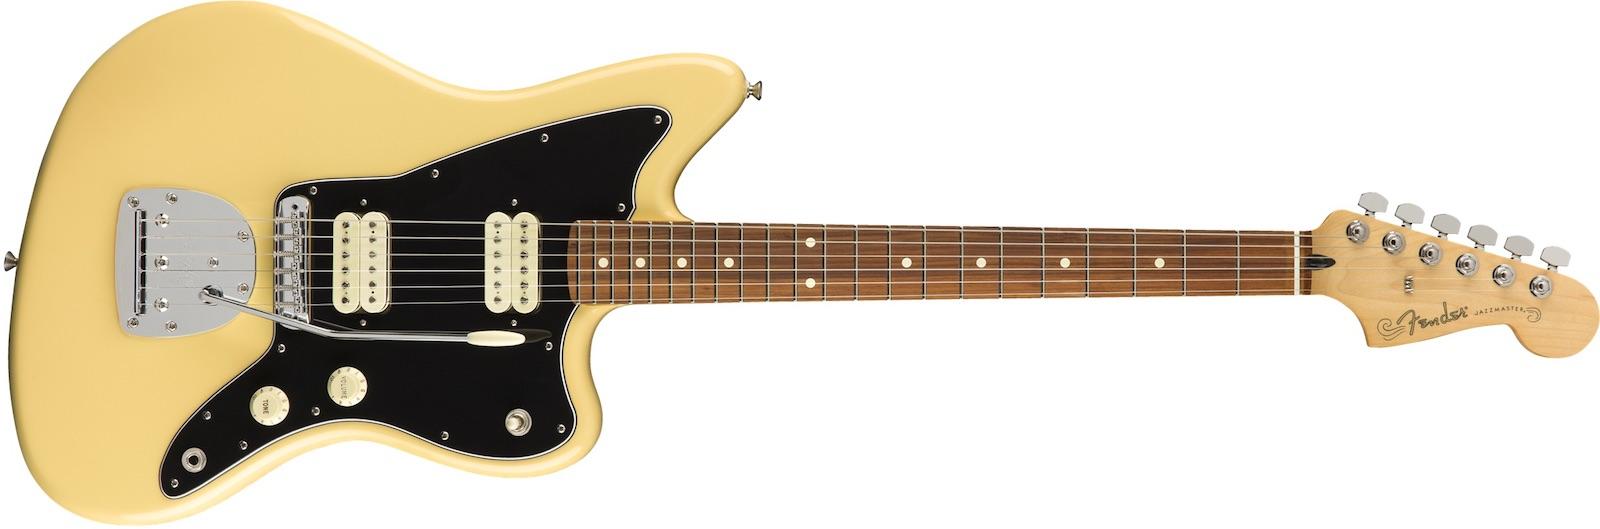 【新品】Fender Player Jazzmaster ~Buttercream~ 【お取り寄せ】【送料無料】【池袋店】